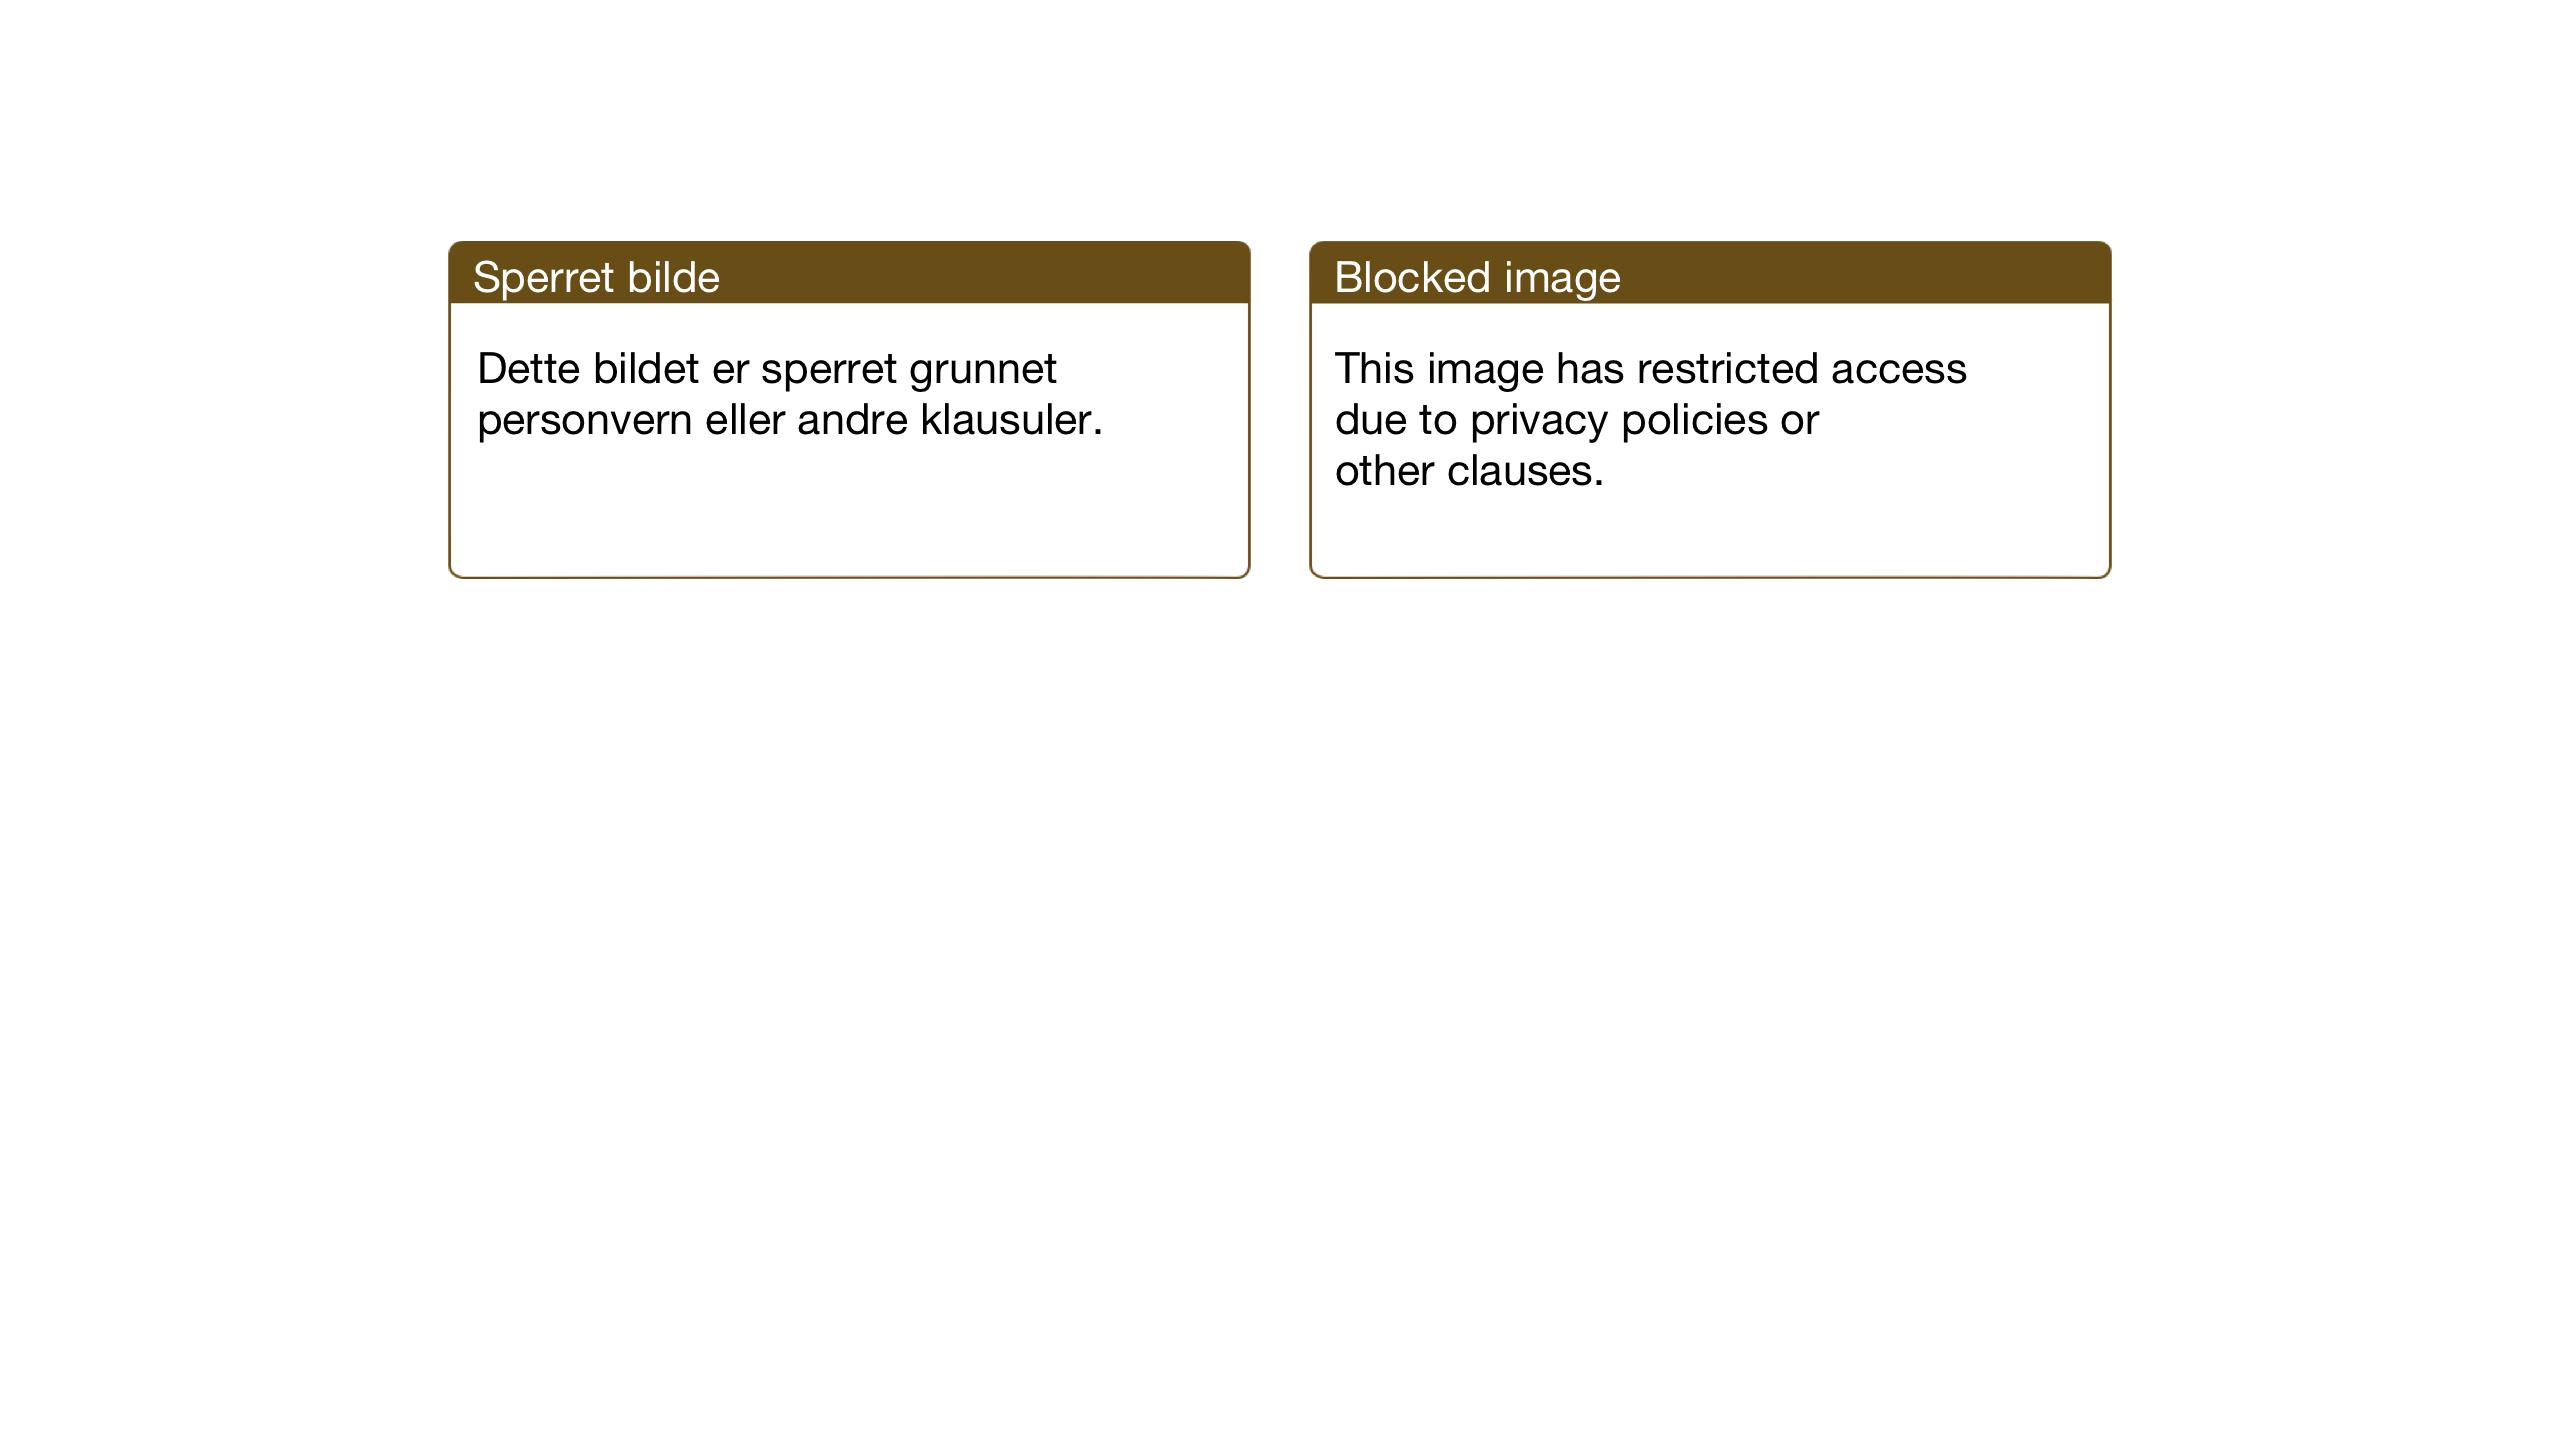 SAT, Ministerialprotokoller, klokkerbøker og fødselsregistre - Nord-Trøndelag, 710/L0097: Klokkerbok nr. 710C02, 1925-1955, s. 156